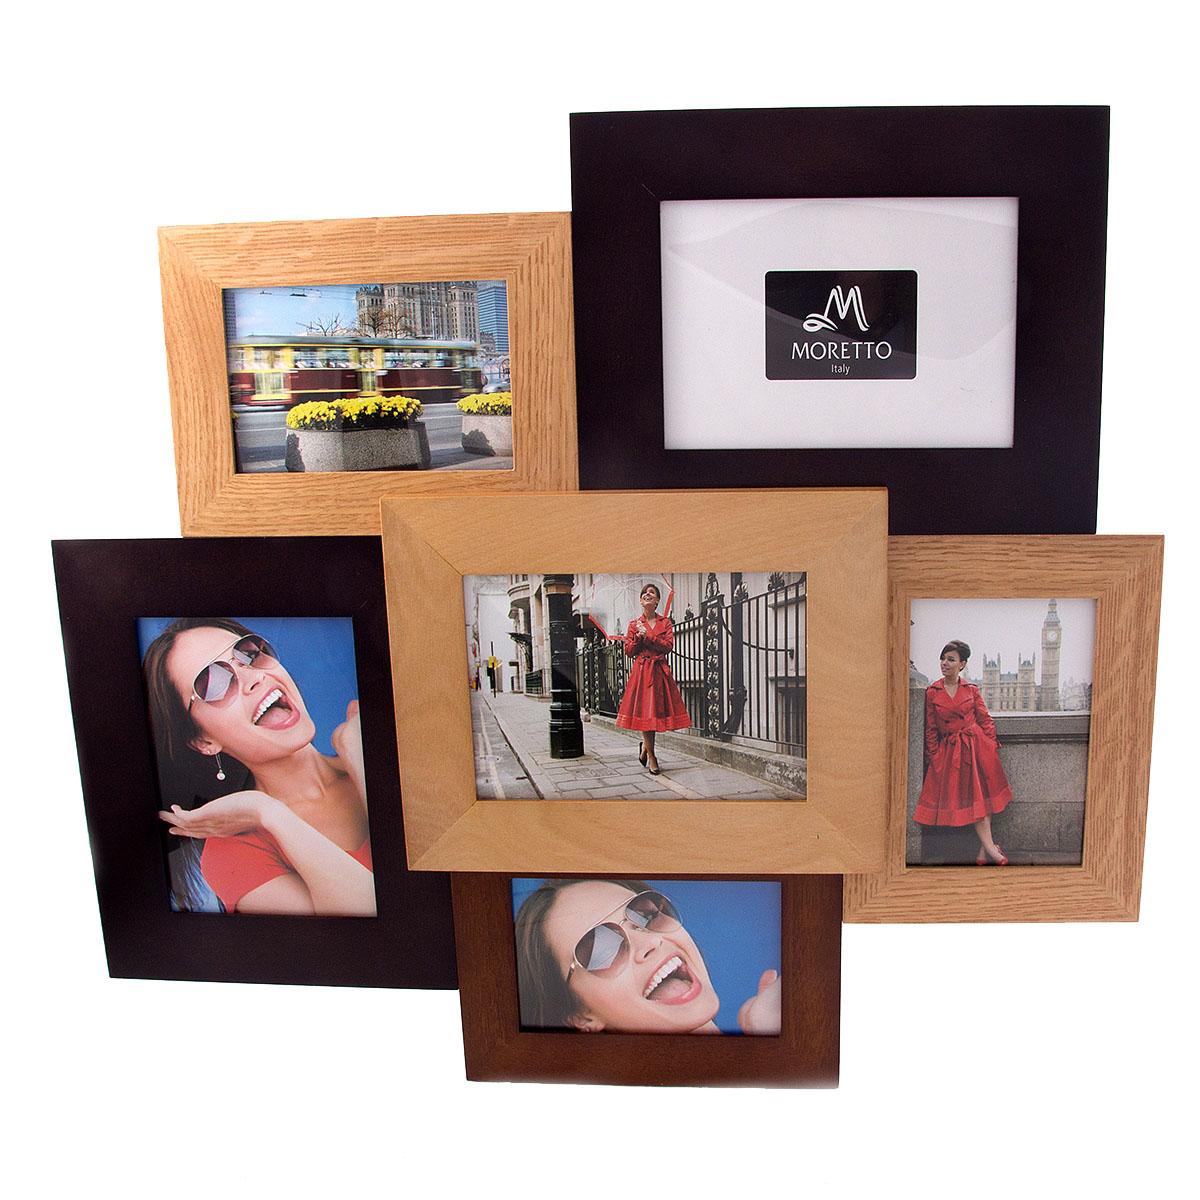 Фоторамка-коллаж Moretto, на 6 фото. 38195LSL-6101-01Фоторамка-коллаж Moretto - прекрасный способ красиво оформить ваши фотографии. Фоторамка выполнена из дерева и защищена стеклом. Фоторамка-коллаж представляет собой шесть фоторамок для фото оригинально соединенных между собой. Такая фоторамка поможет сохранить в памяти самые яркие моменты вашей жизни, а стильный дизайн сделает ее прекрасным дополнением интерьера комнаты.